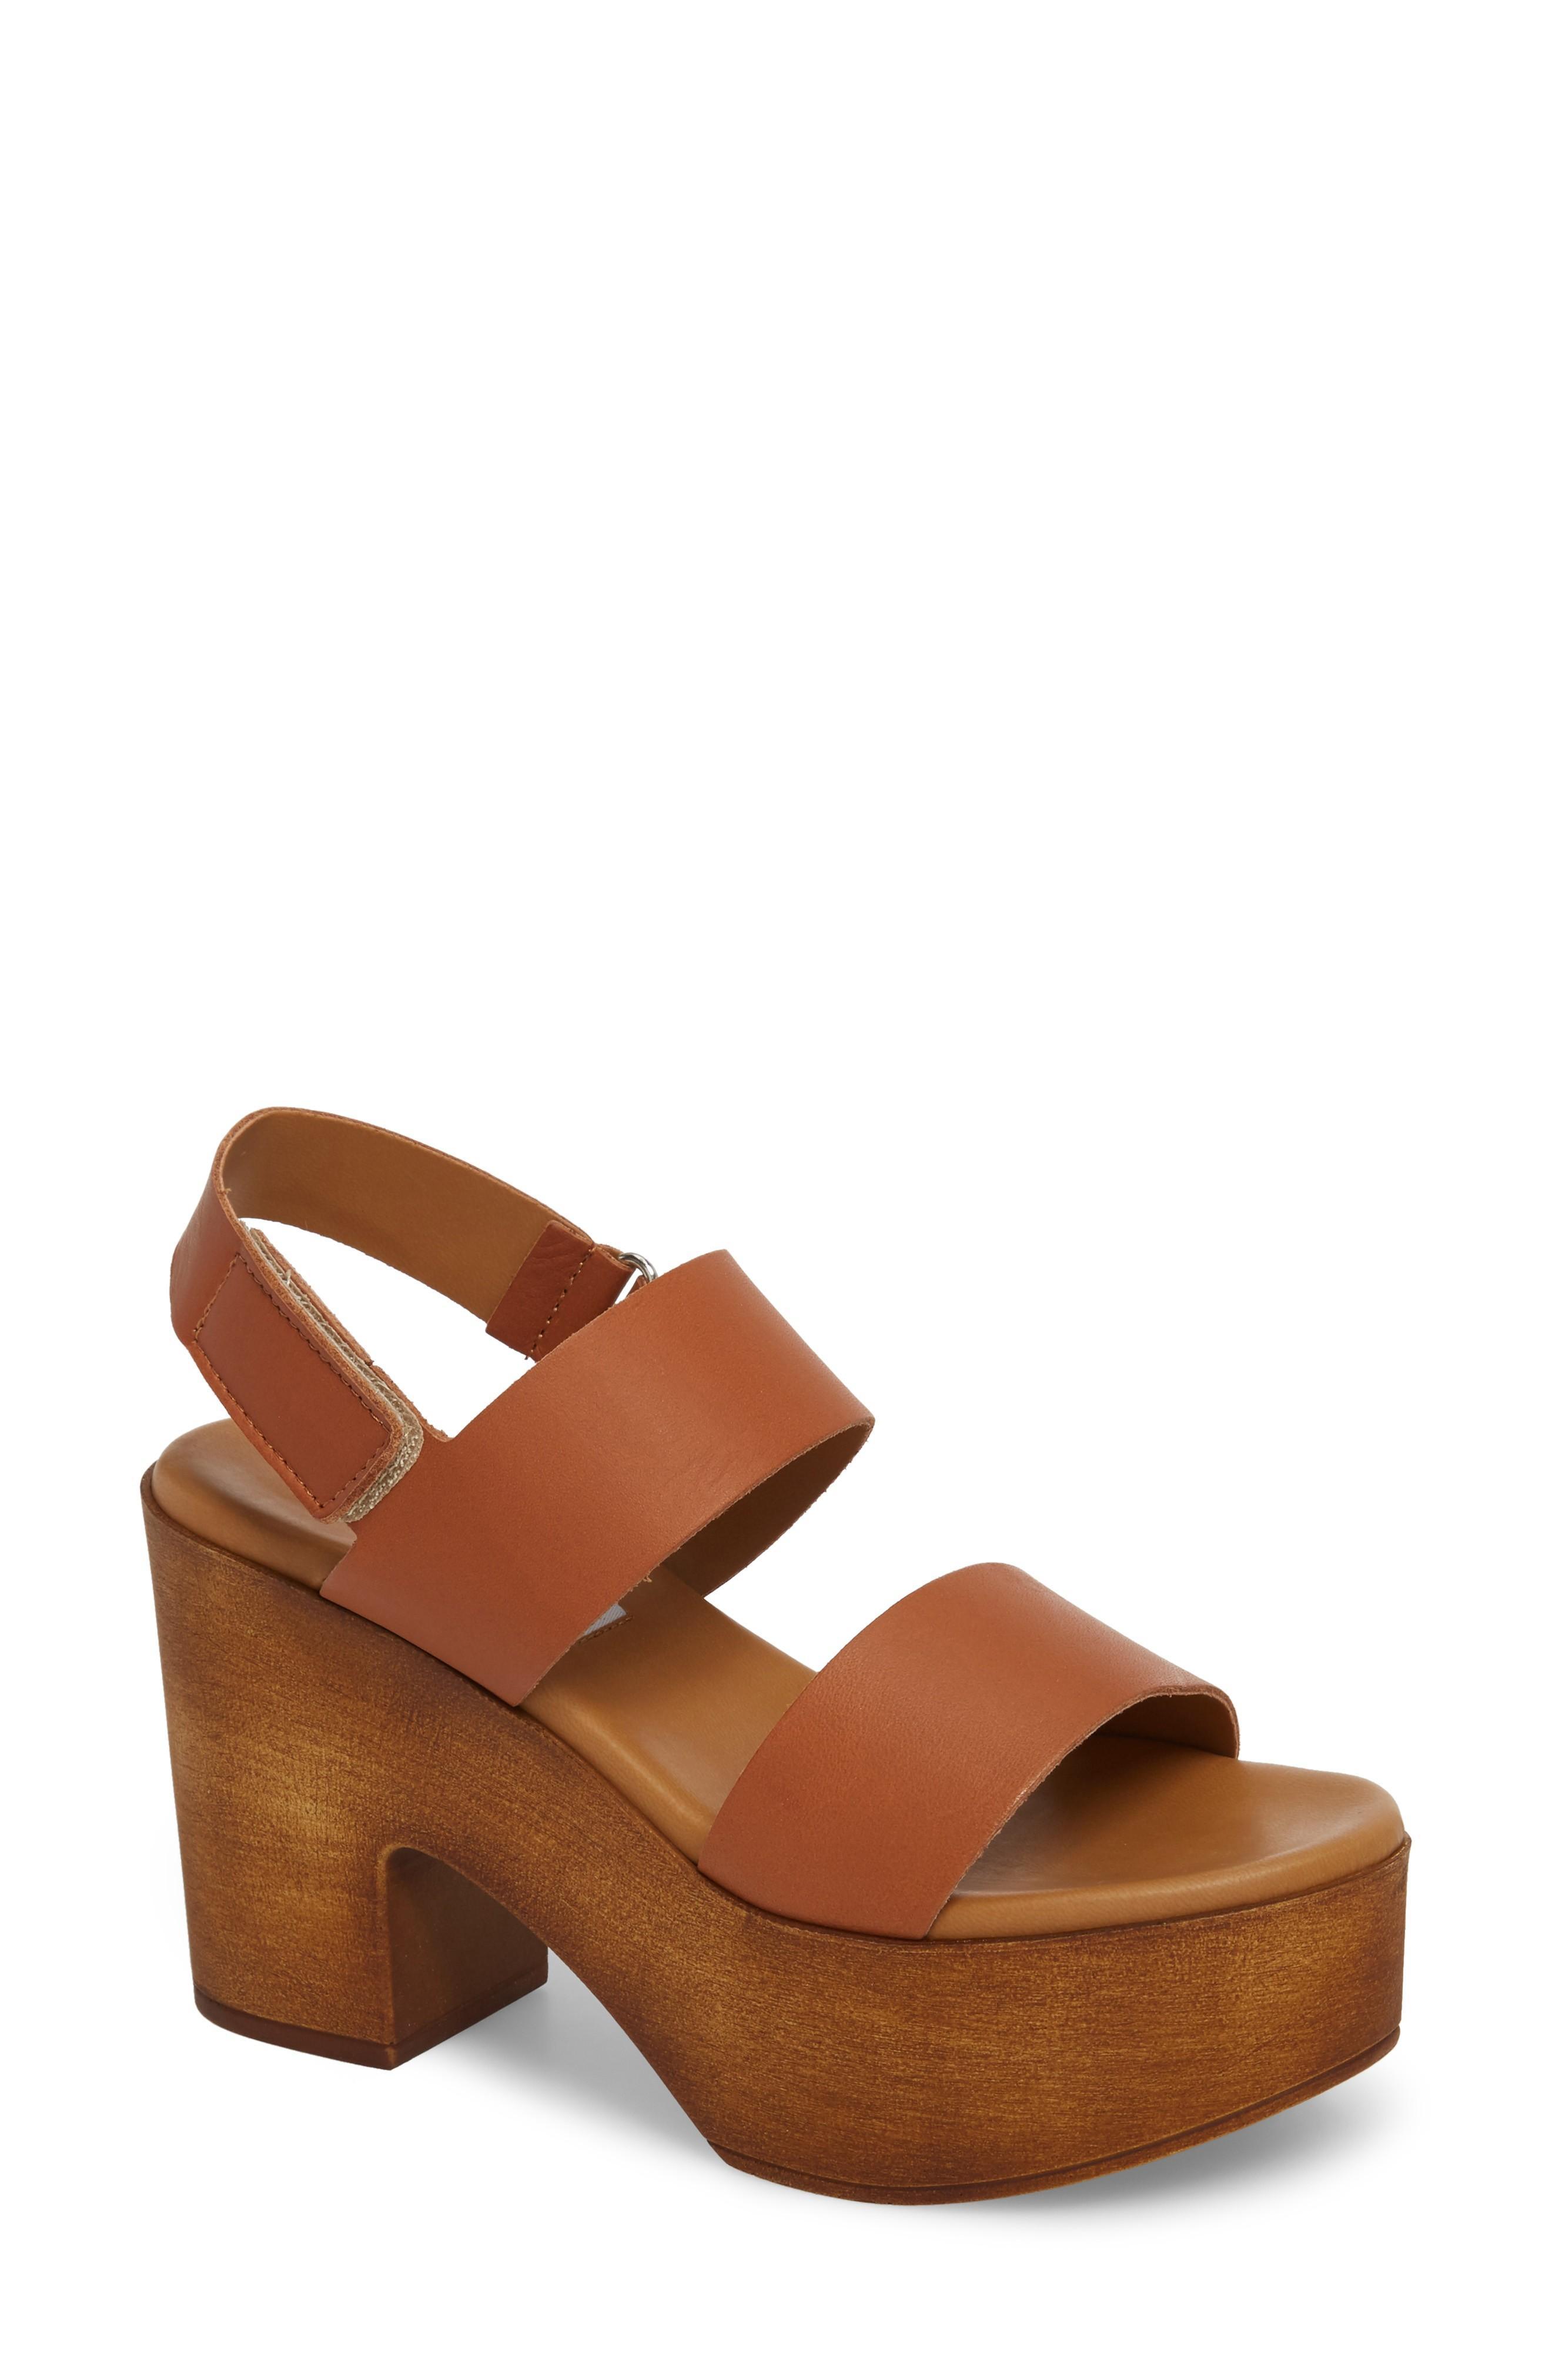 19839329132 Steve Madden Marena Slingback Platform Sandal In Tan Leather